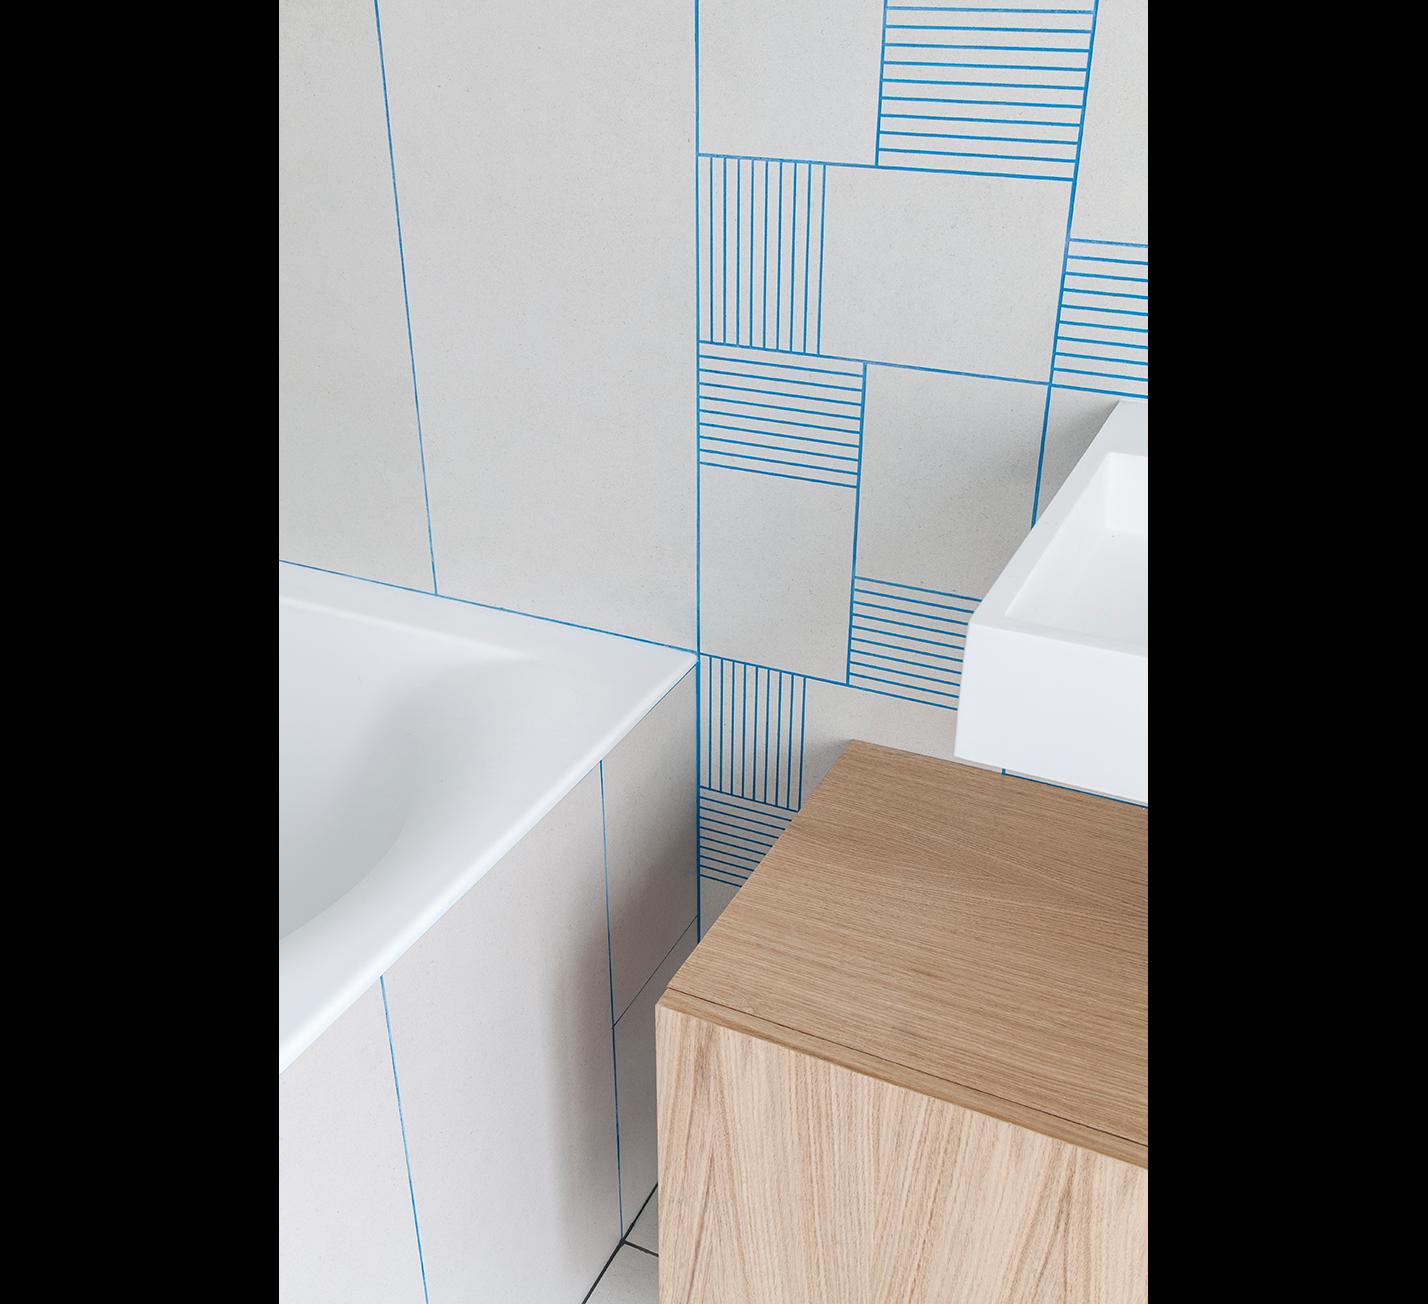 Projet-Pigalle-Atelier-Steve-Pauline-Borgia-Architecture-interieur-16